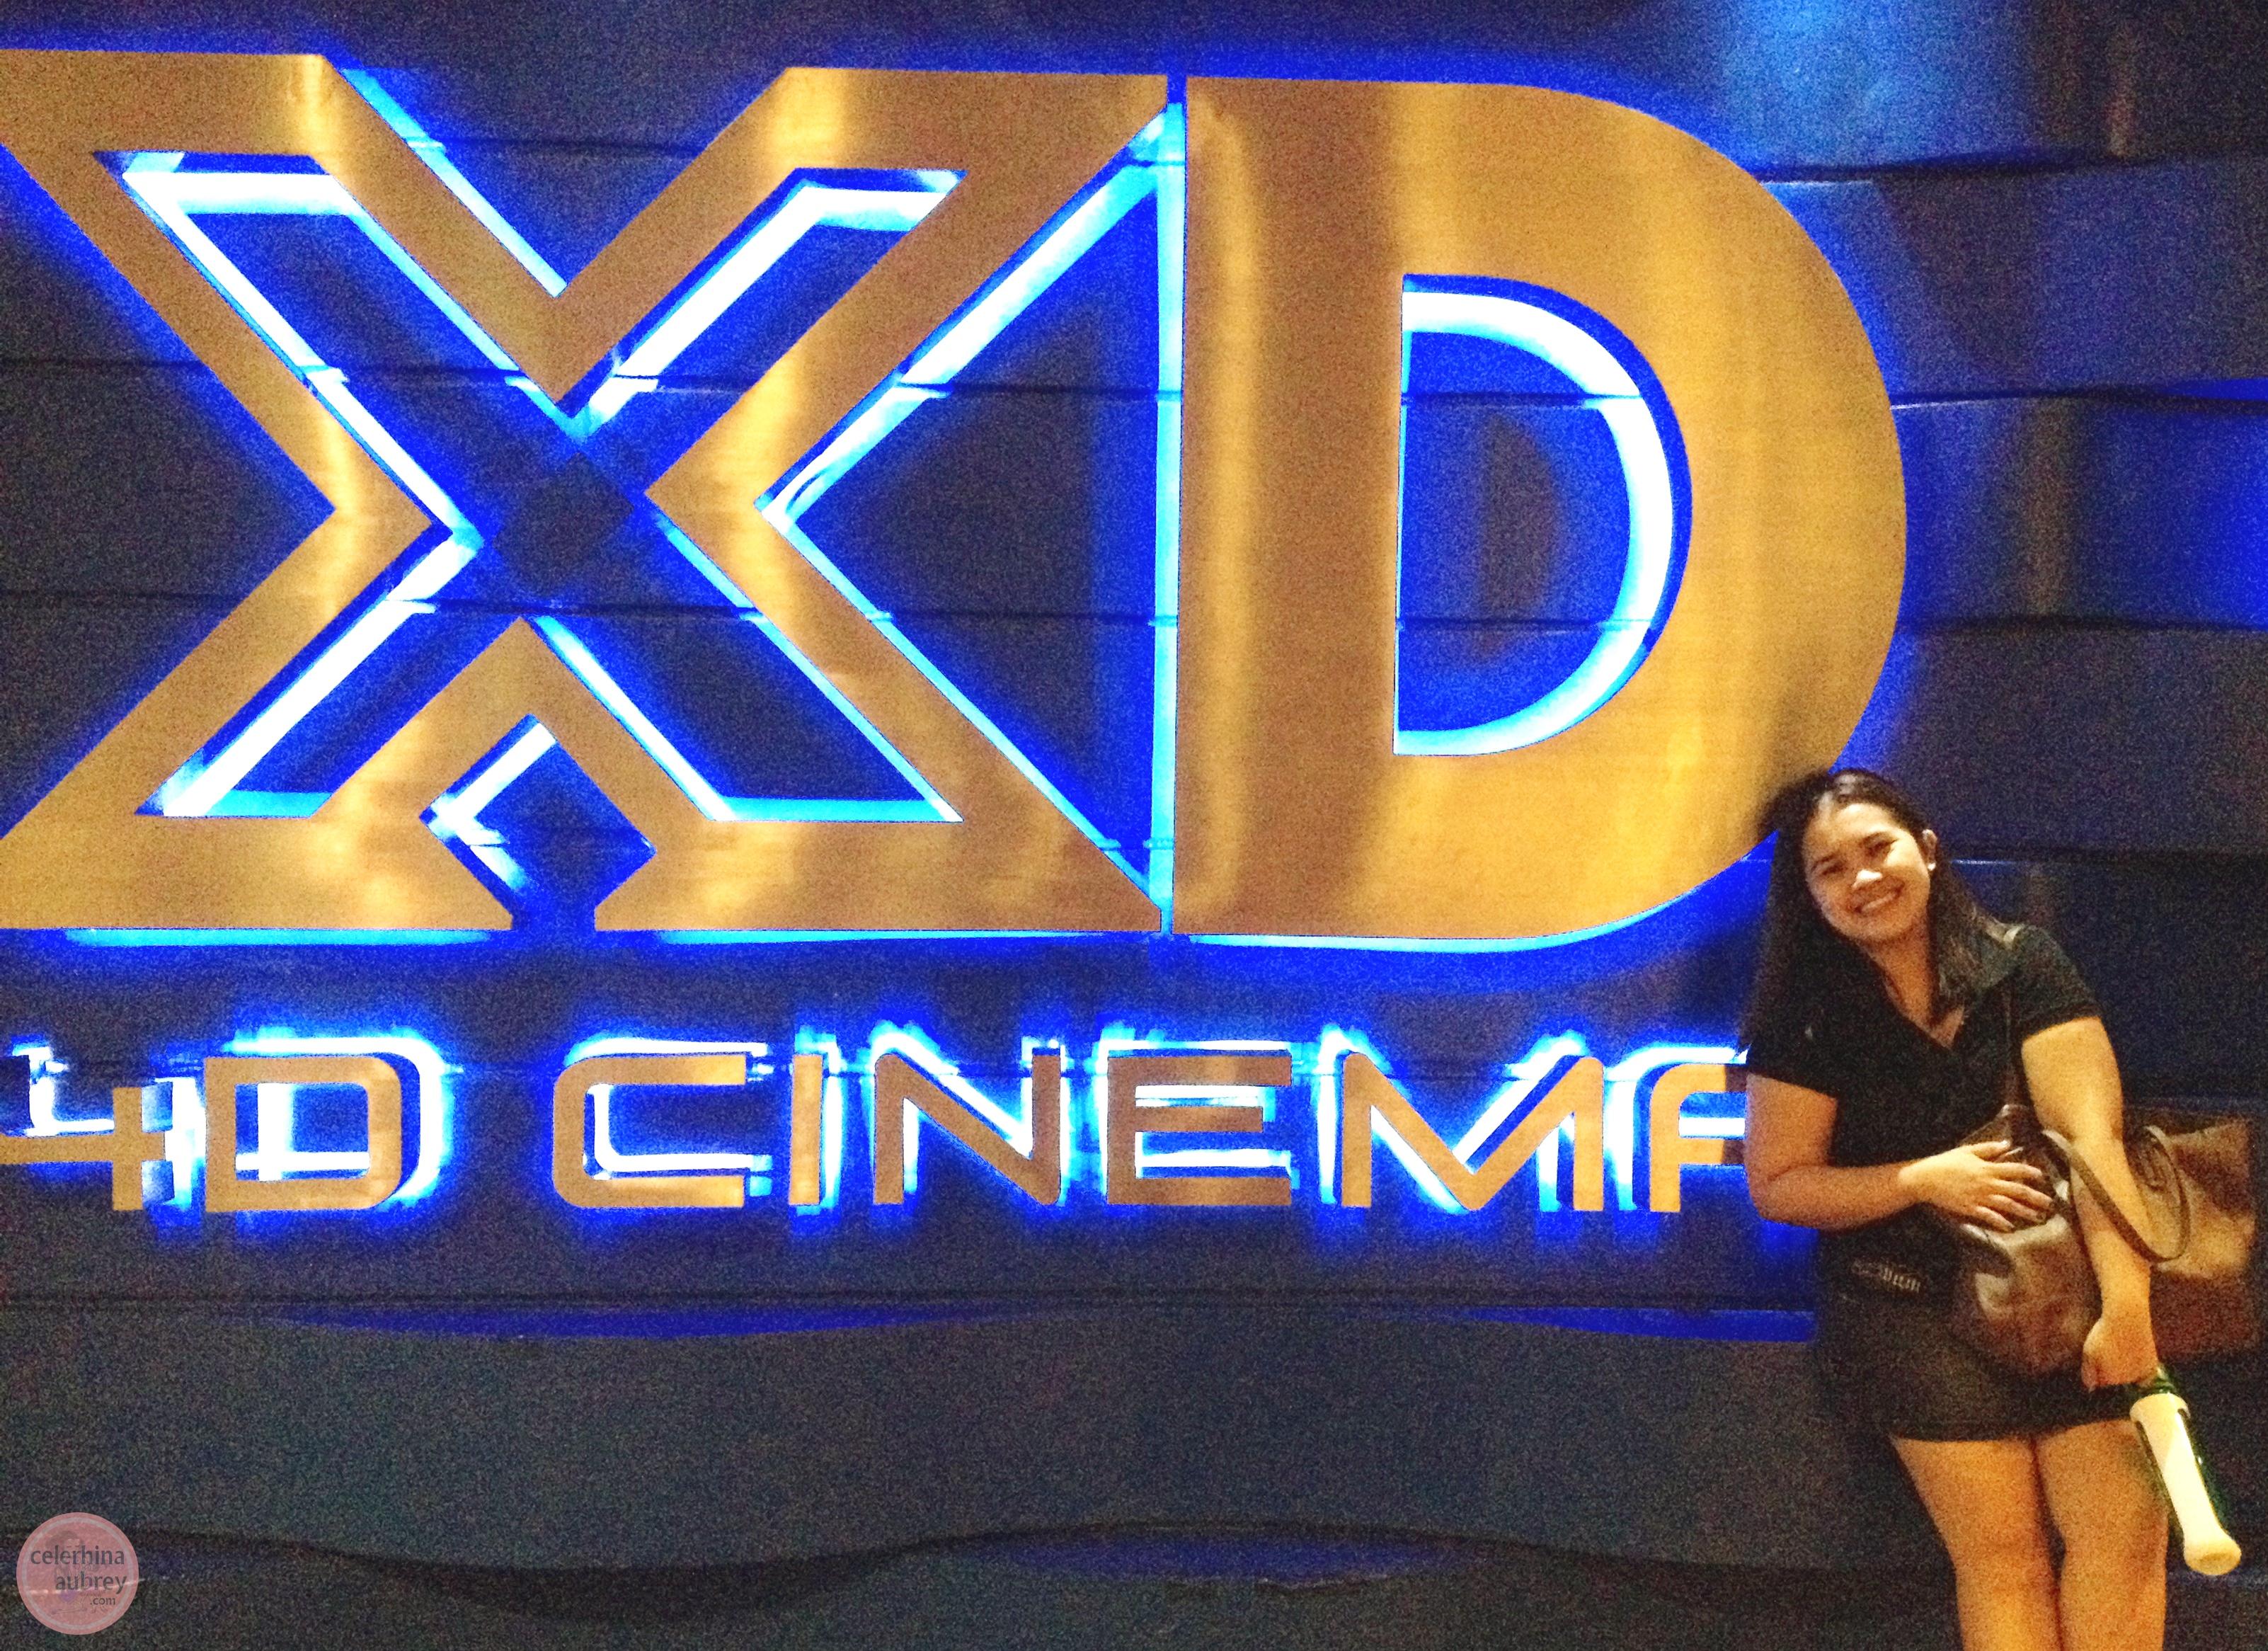 SM-Cinema-4D-XD